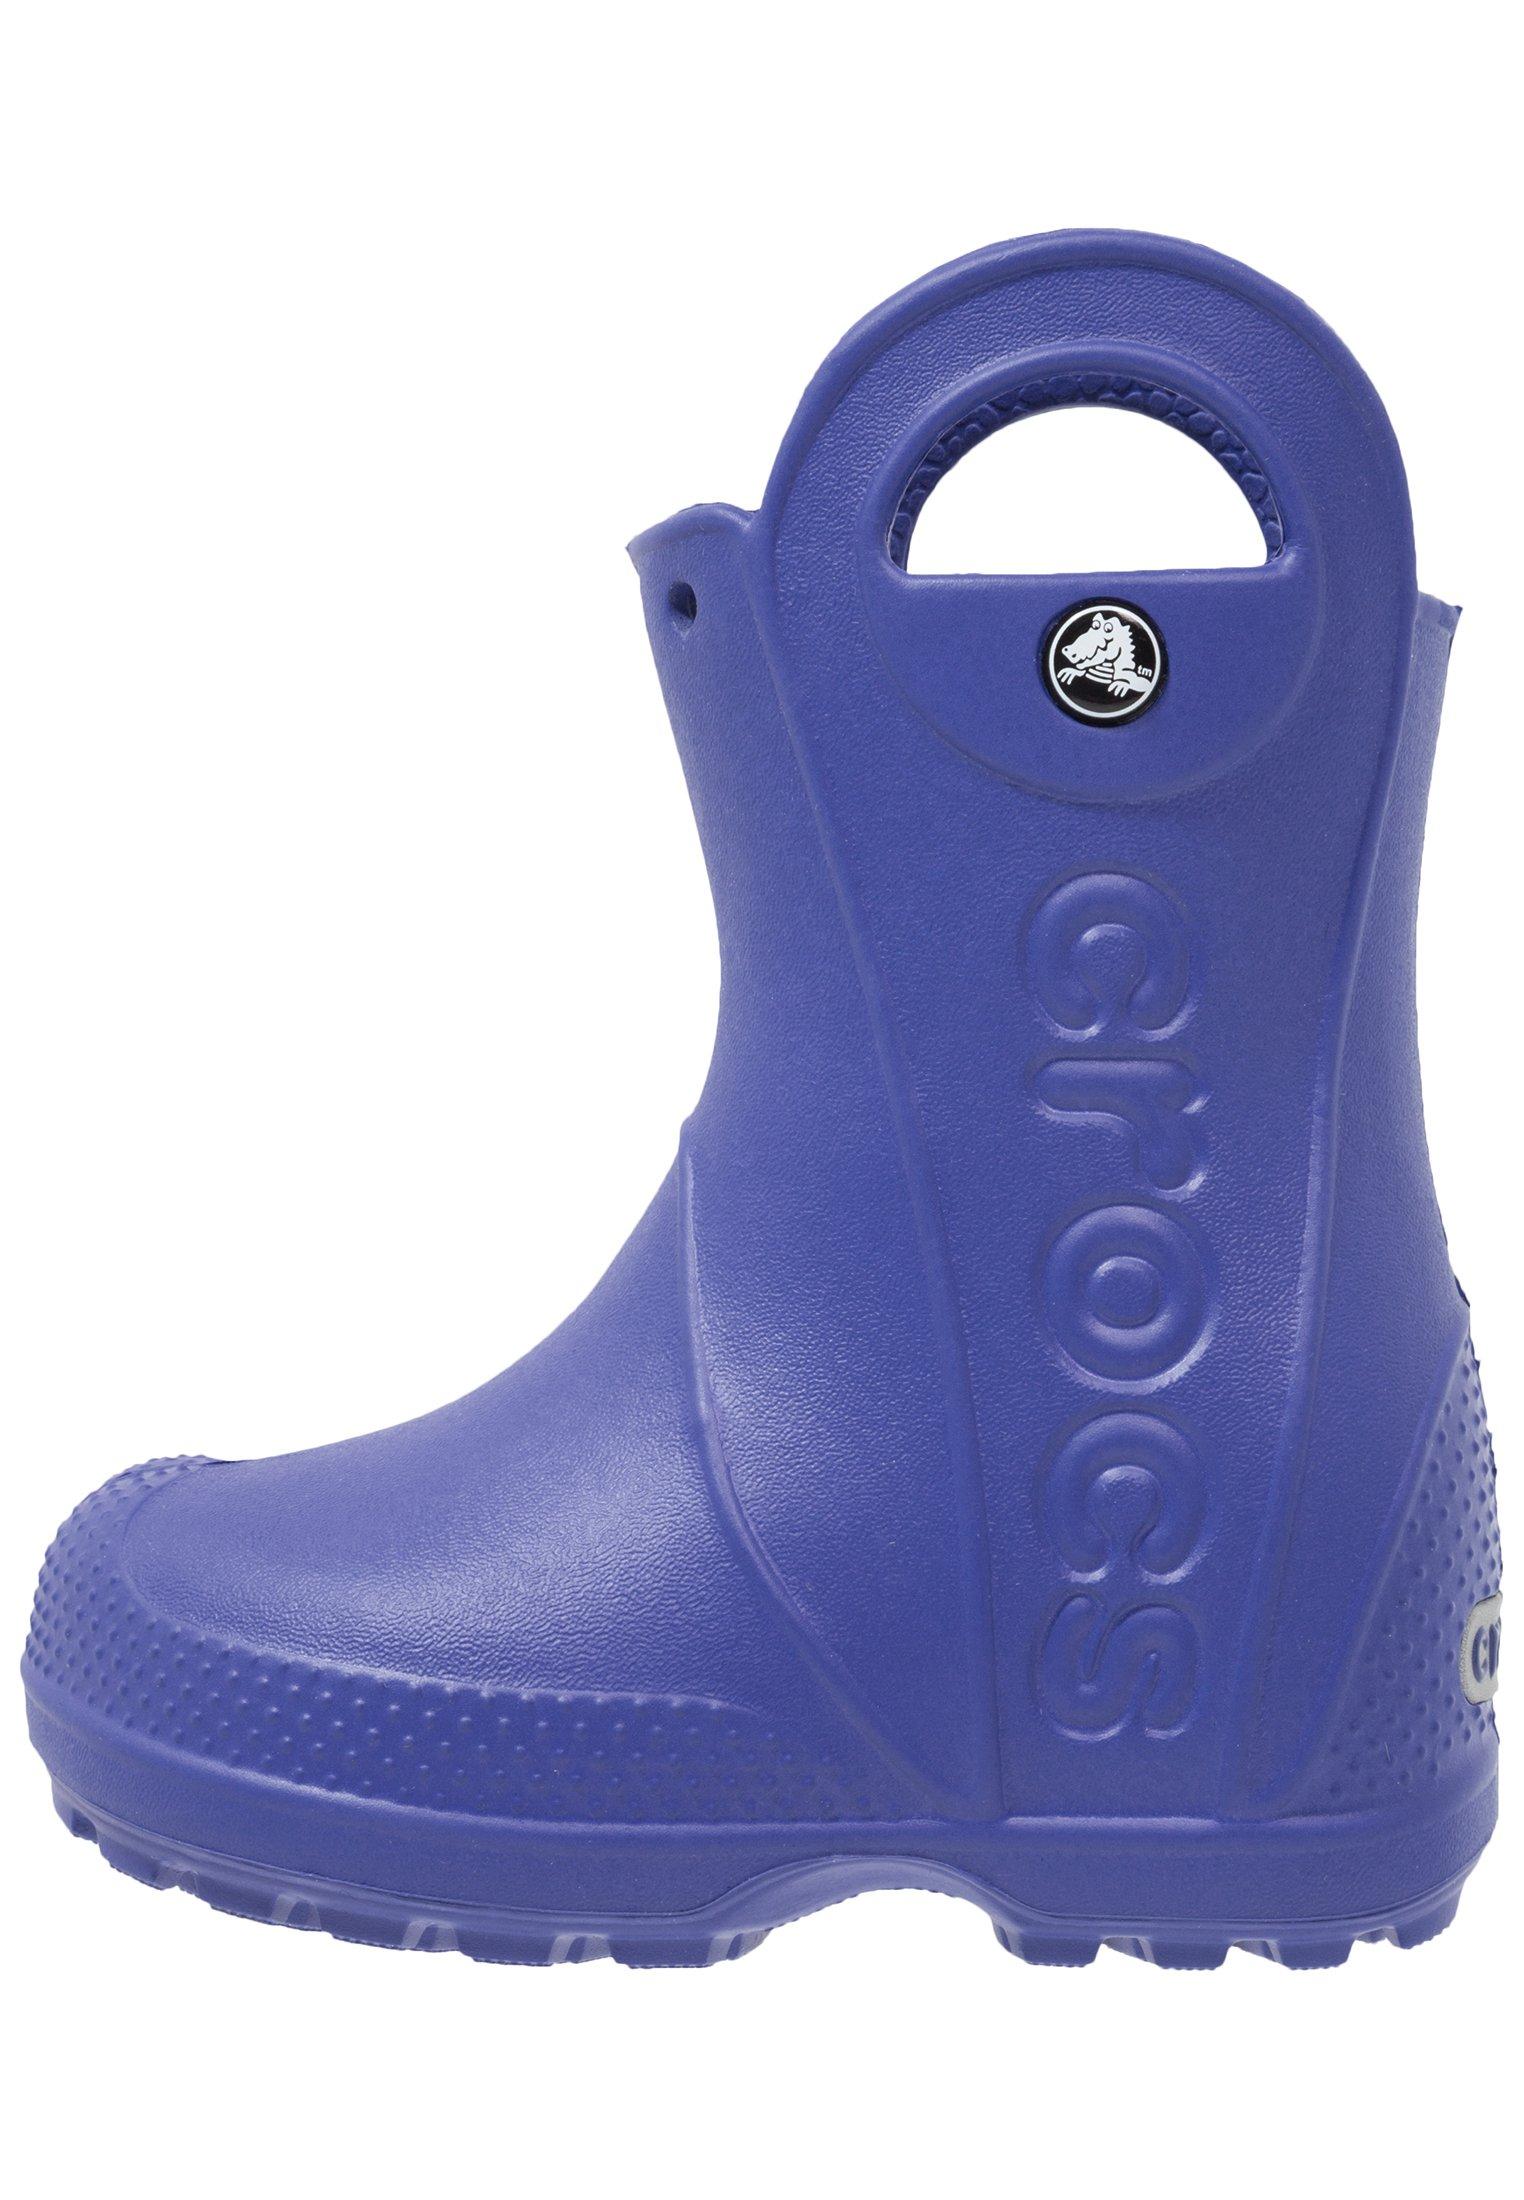 Köp Crocs Handle It Regnstövel, Navy | Jollyroom